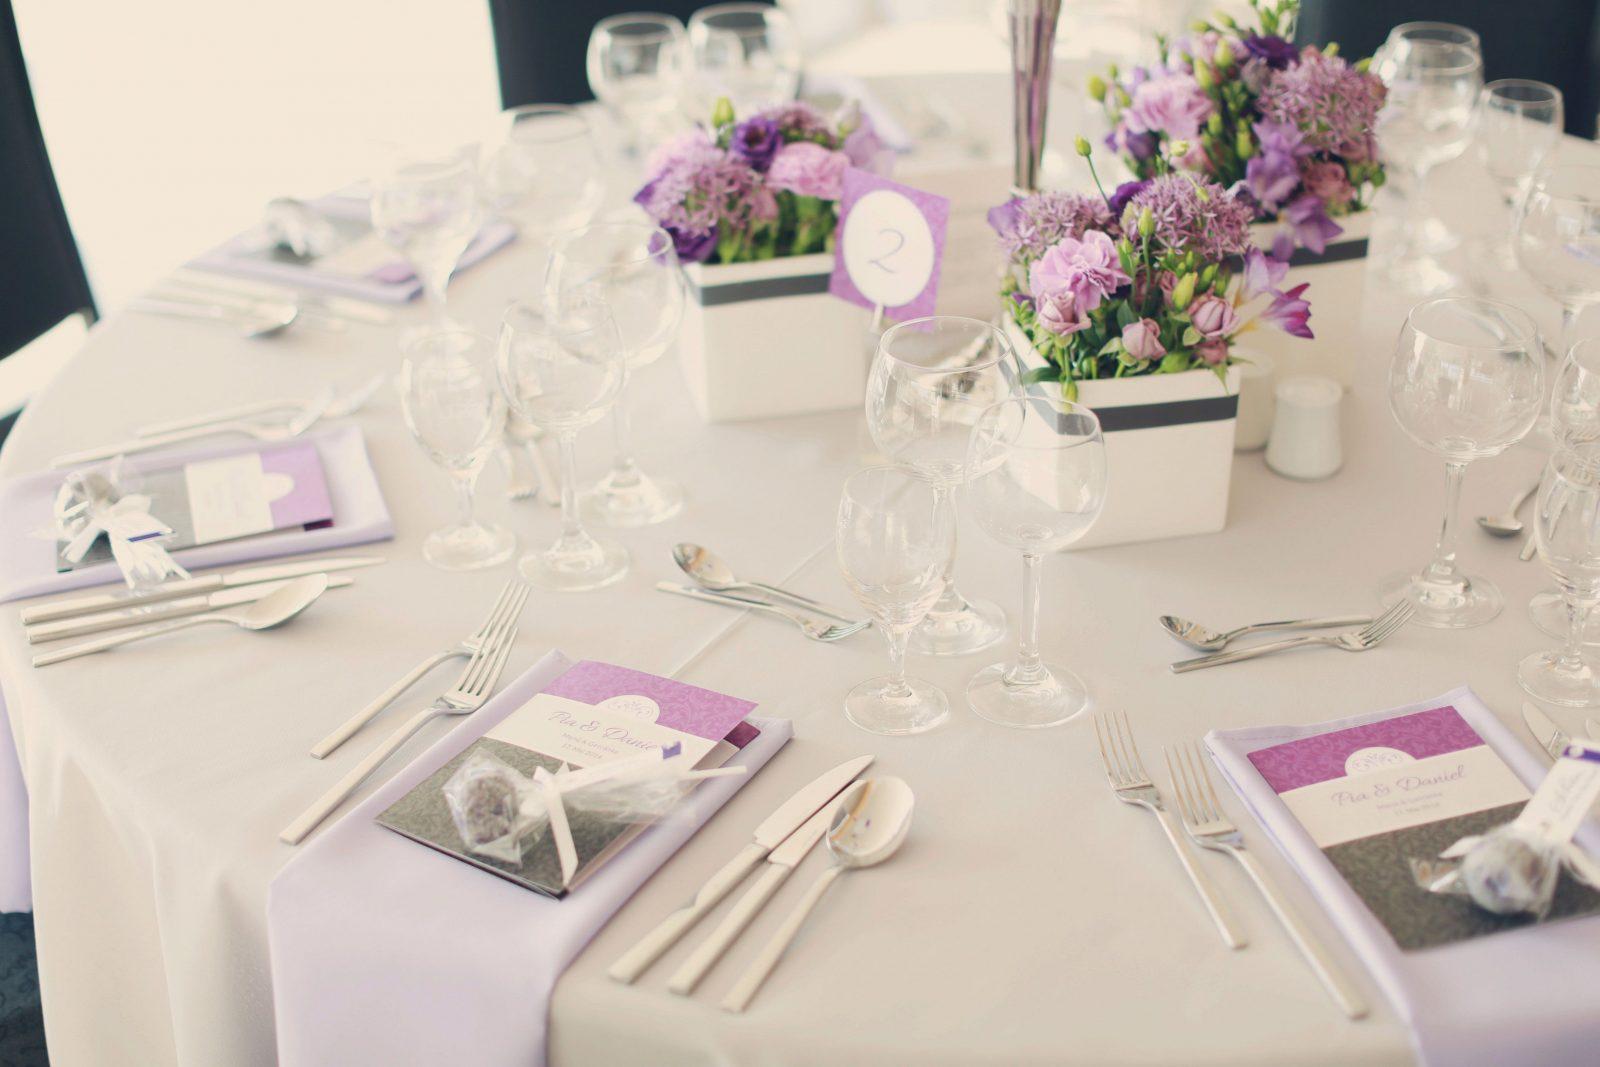 Dahlmannfloristikhellbrautbraeutigamengberscateringatriumin von Tischdeko Hochzeit Lila Weiß Bild